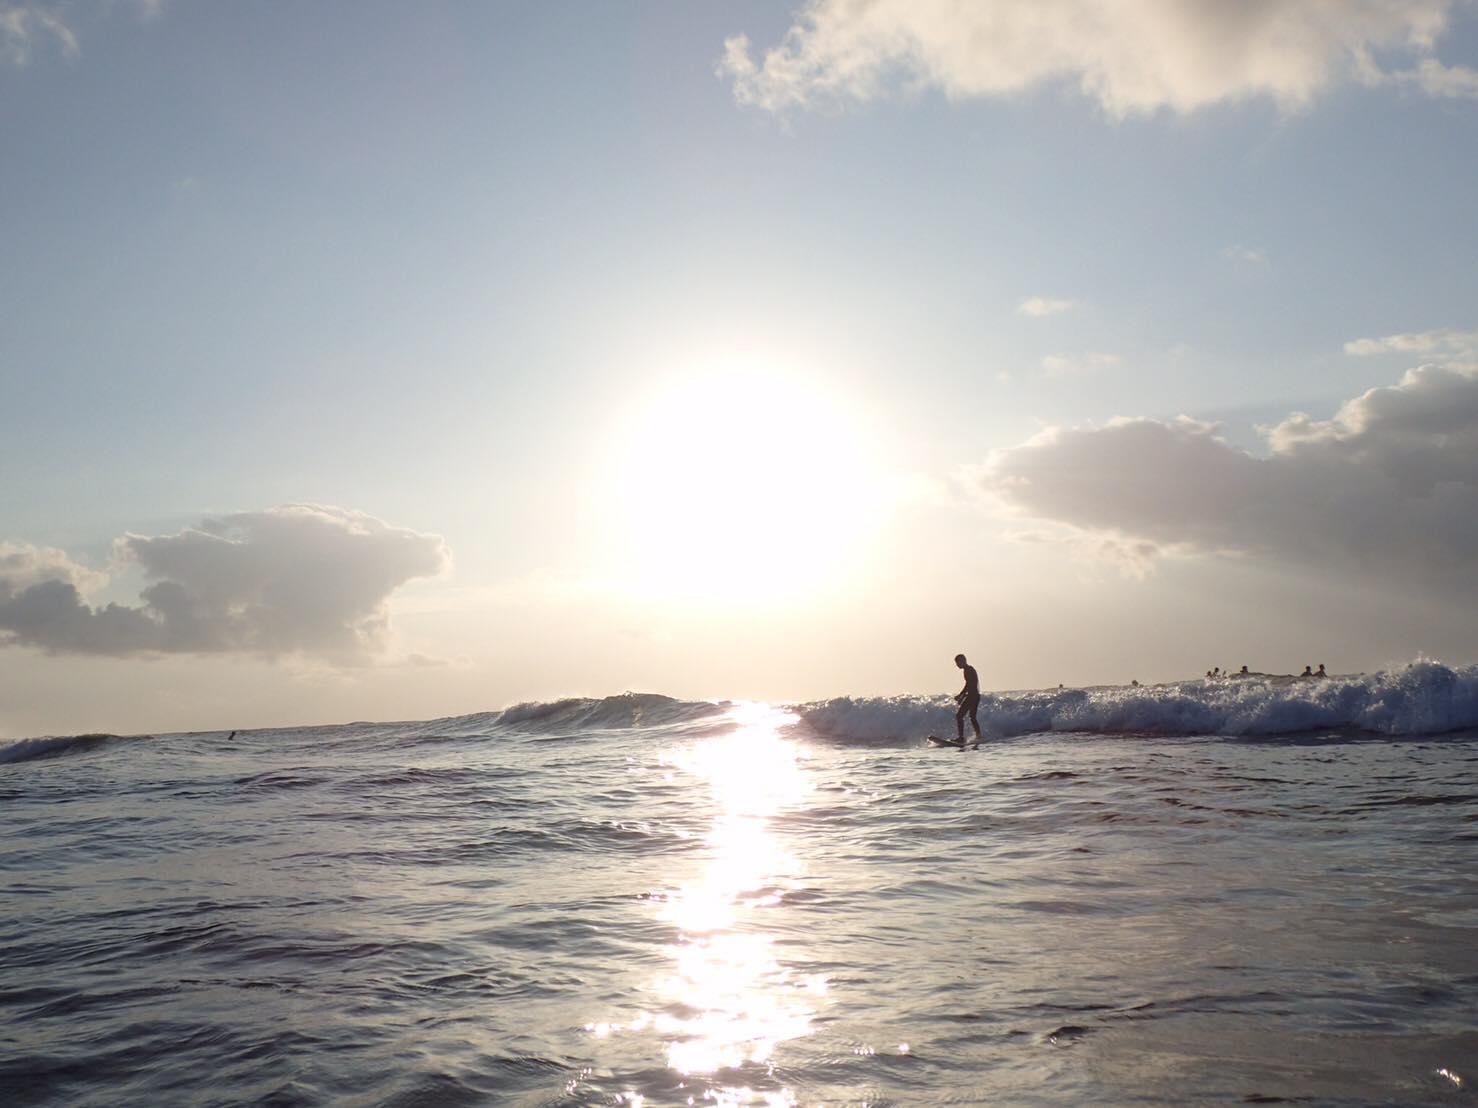 -2019 February-My winter life-沖縄の冬は大会シーズン-Minori Majikina from Okinawa